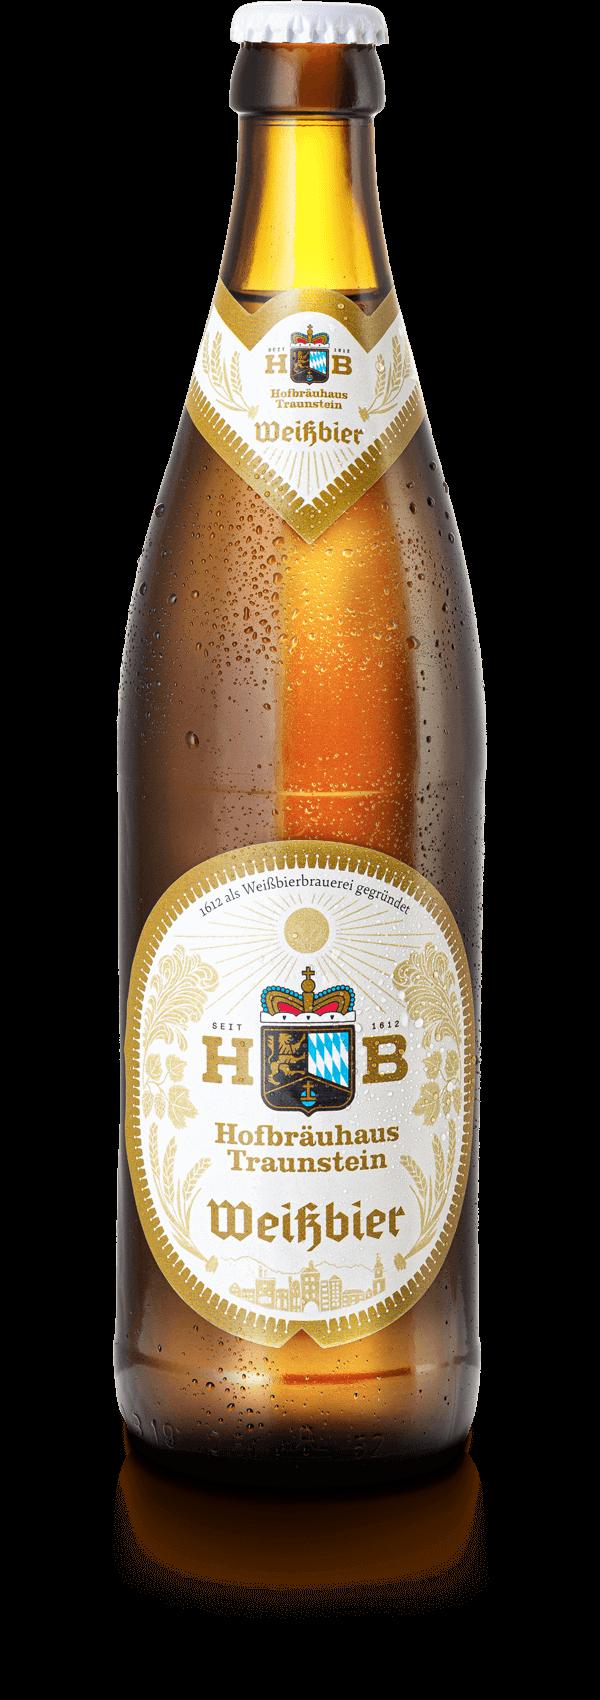 hb-ts-weissbier